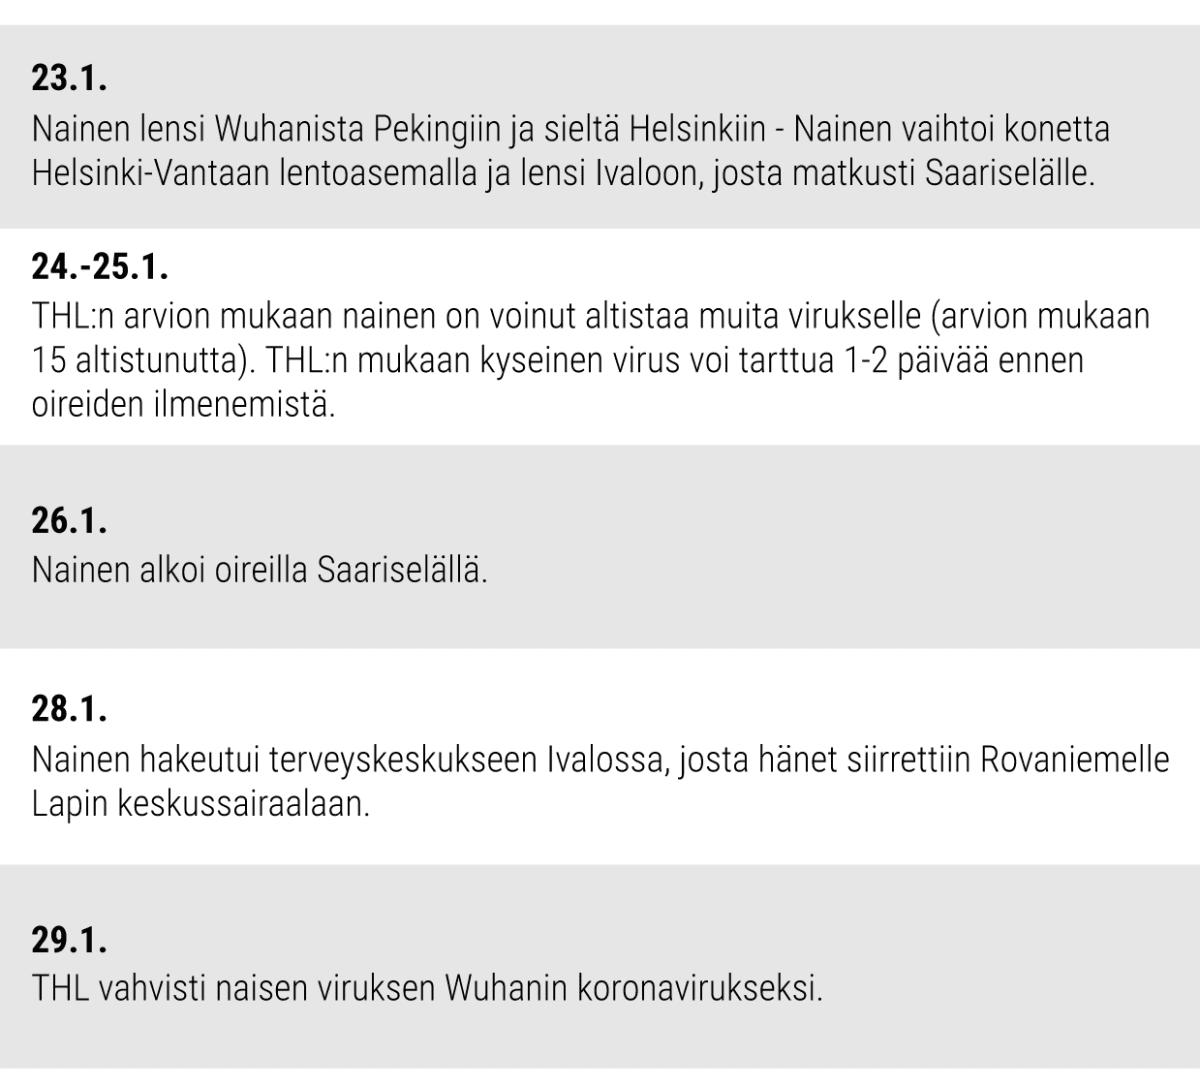 23.1. Nainen lensi Wuhanista Pekingiin ja sieltä Helsinkiin - Nainen vaihtoi konetta Helsinki-Vantaan lentoasemalla ja lensi Ivaloon, josta matkusti Saariselälle.  24.-25.1. THL:n arvion mukaan nainen on voinut altistaa muita virukselle (arvion mukaan 15 altistunutta). THL:n mukaan kyseinen virus voi tarttua 1-2 päivää ennen oireiden ilmenemistä.  26.1. nainen alkoi oireilla Saariselällä.  28.1. Nainen hakeutui terveyskeskukseen Ivalossa, josta hänet siirrettiin Rovaniemelle Lapin keskussairaalaan.   29.1. THL vahvisti naisen viruksen Wuhanin koronavirukseksi.